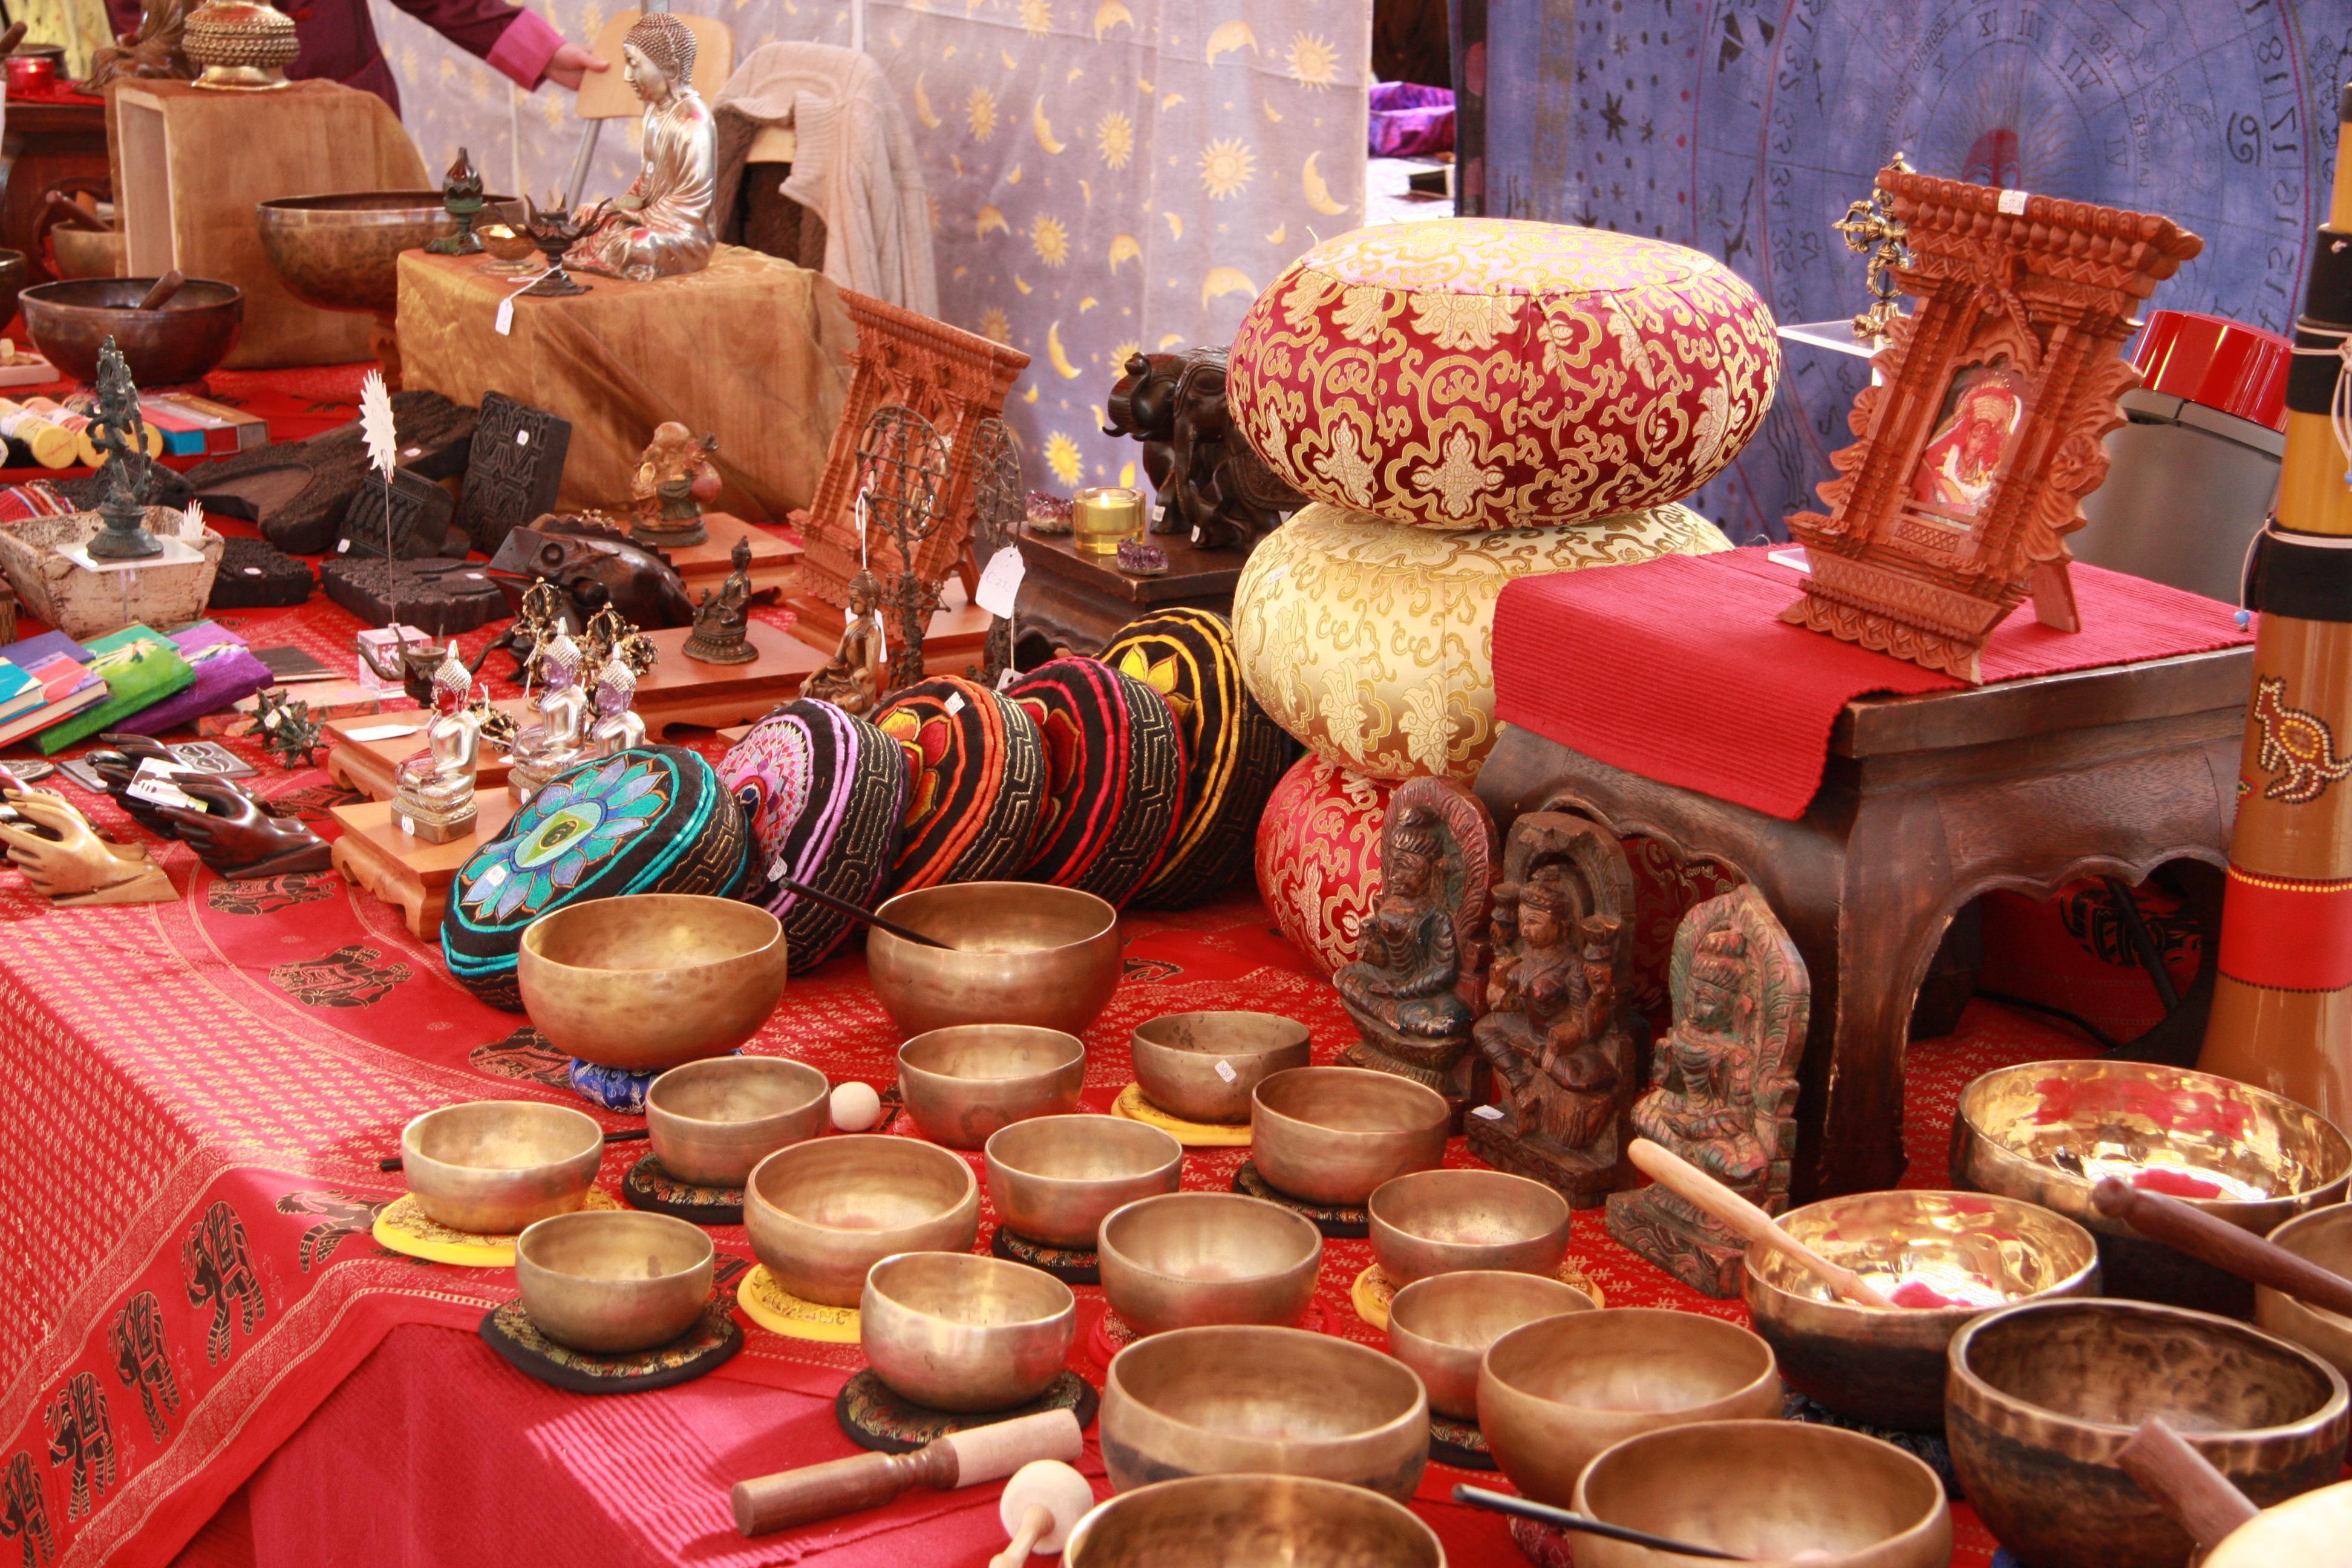 Bezoeker kan op spirituele beurs in De Jansheeren in Heemskerk alles vragen over persoonlijke ontwikkeling en familie aan kaartenleggers, sjamanen en mediums